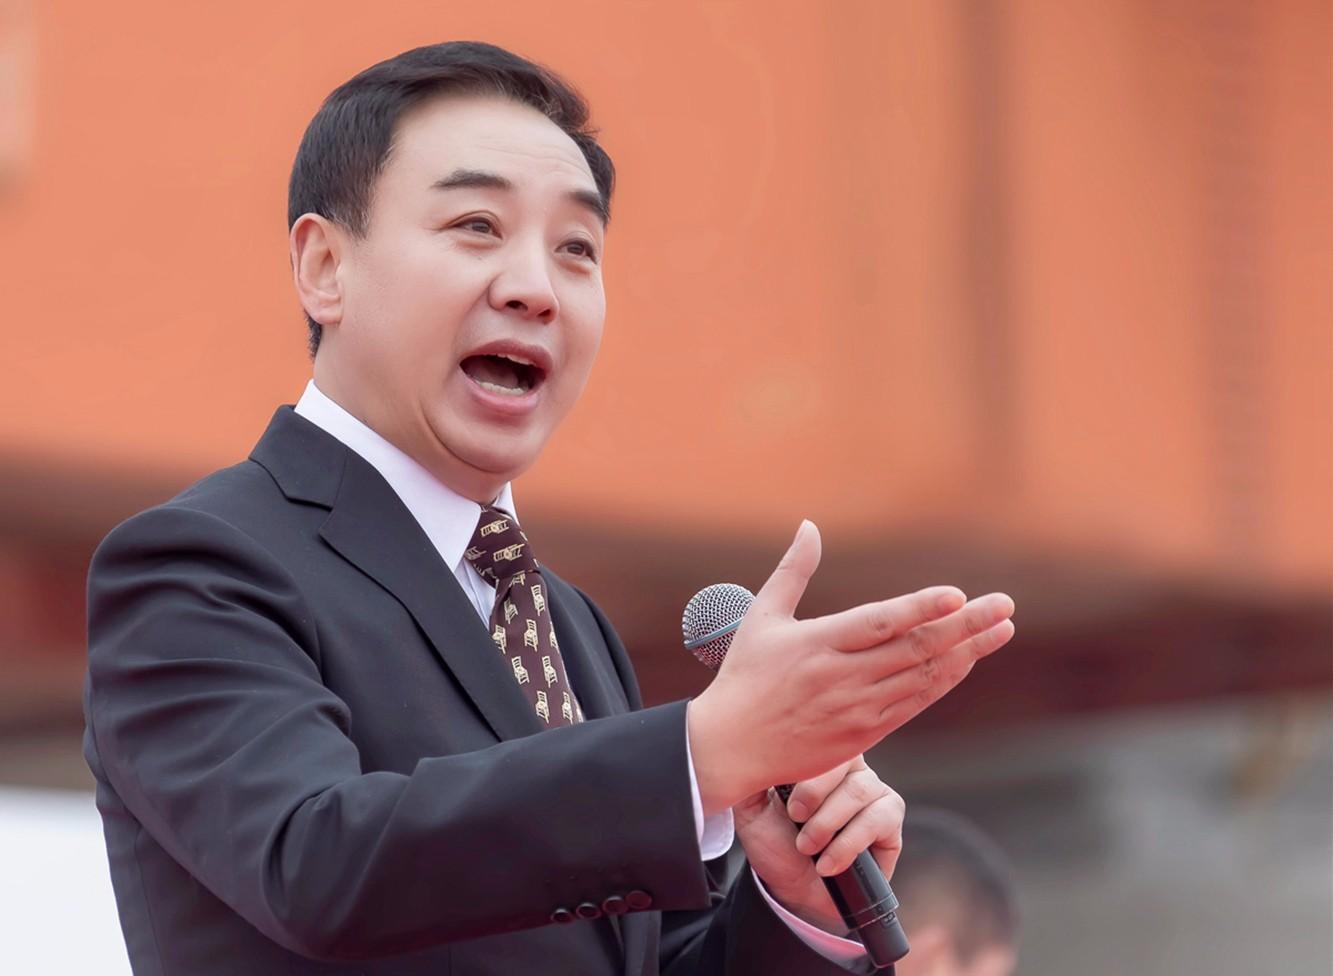 近期拍攝舞台圖片 趙本山張金蘭老師的圖片還是第一次發表_圖1-18